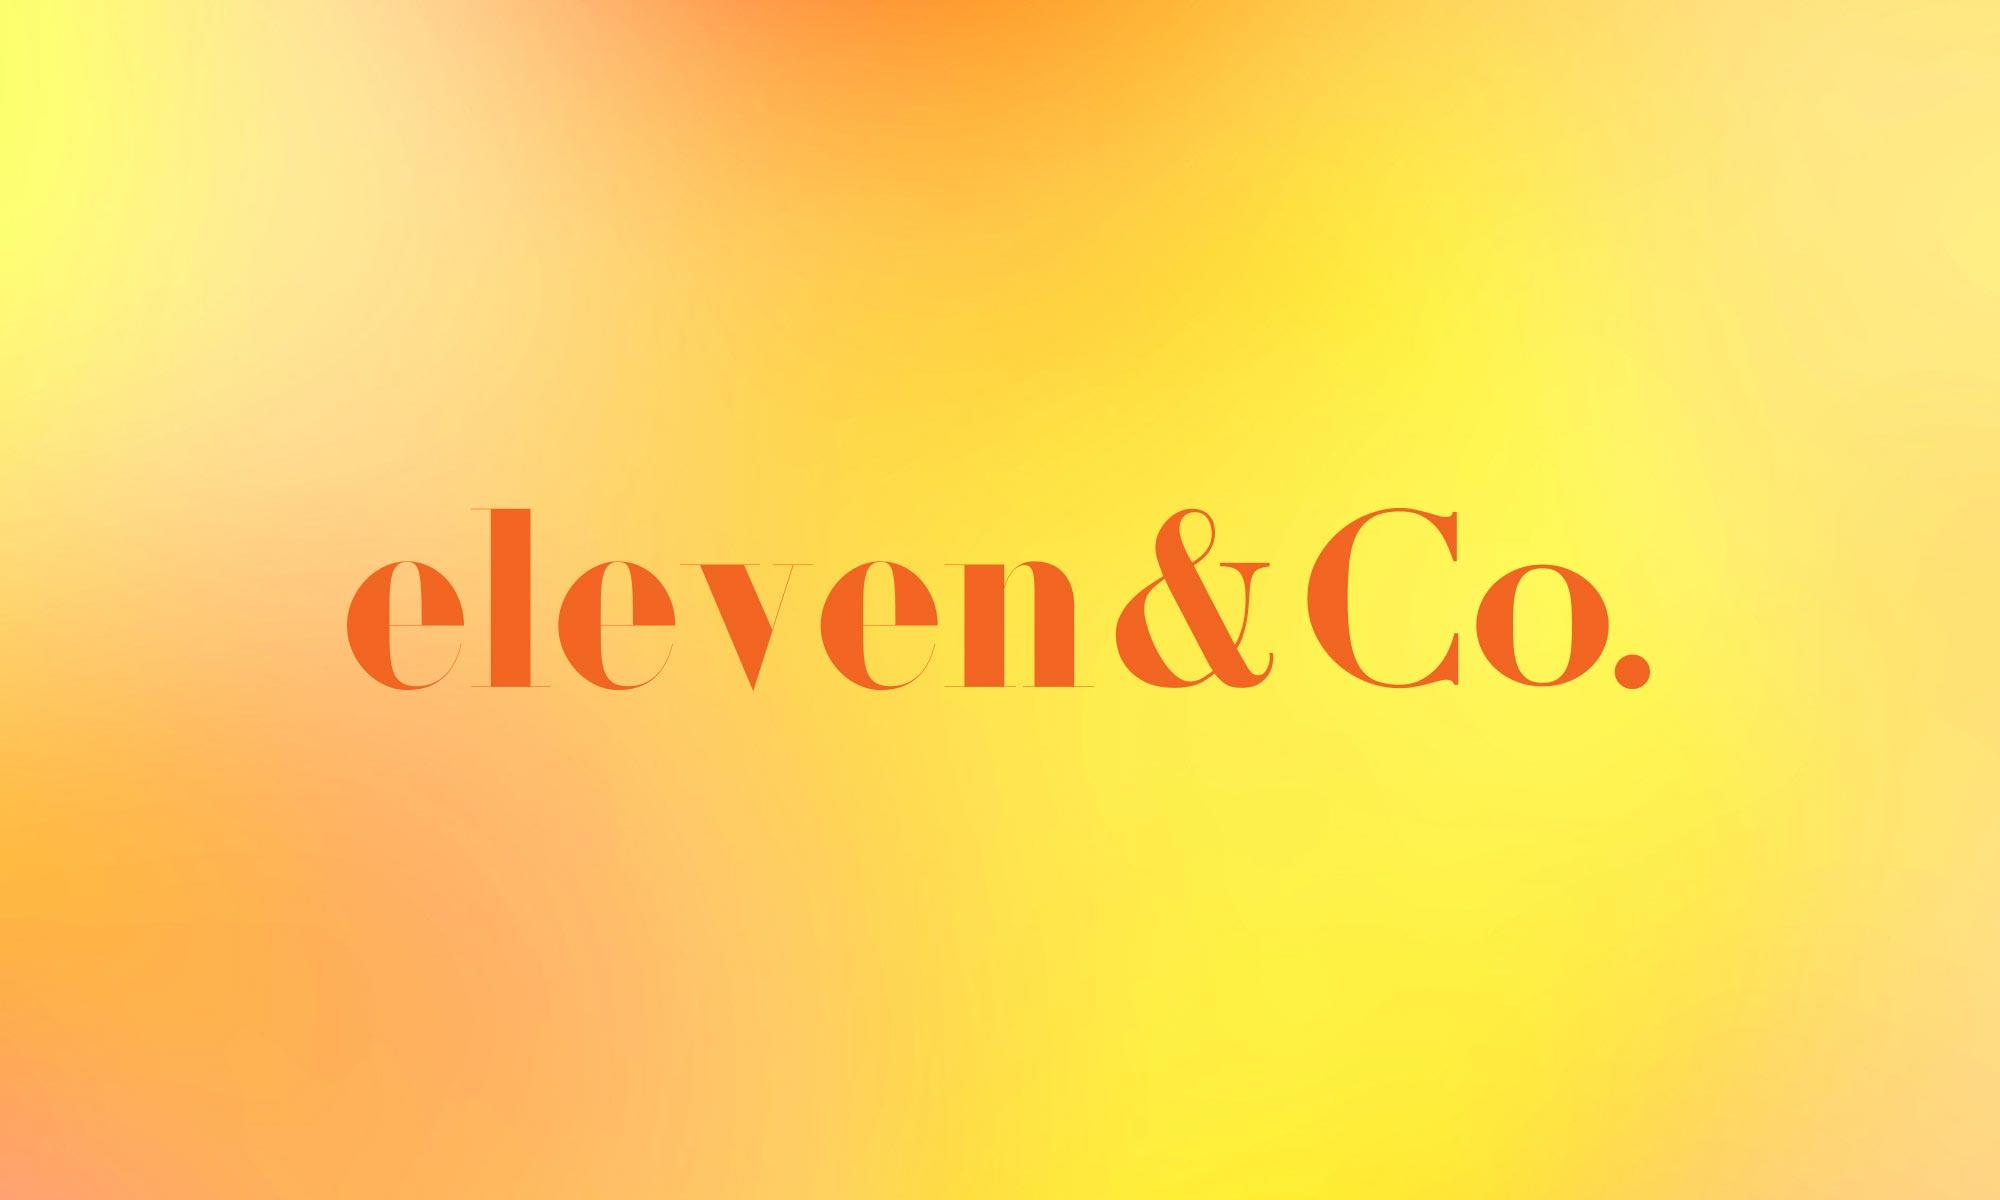 https://www.atelierzoz.com/wp-content/uploads/2020/03/works_elevenco-1.jpg